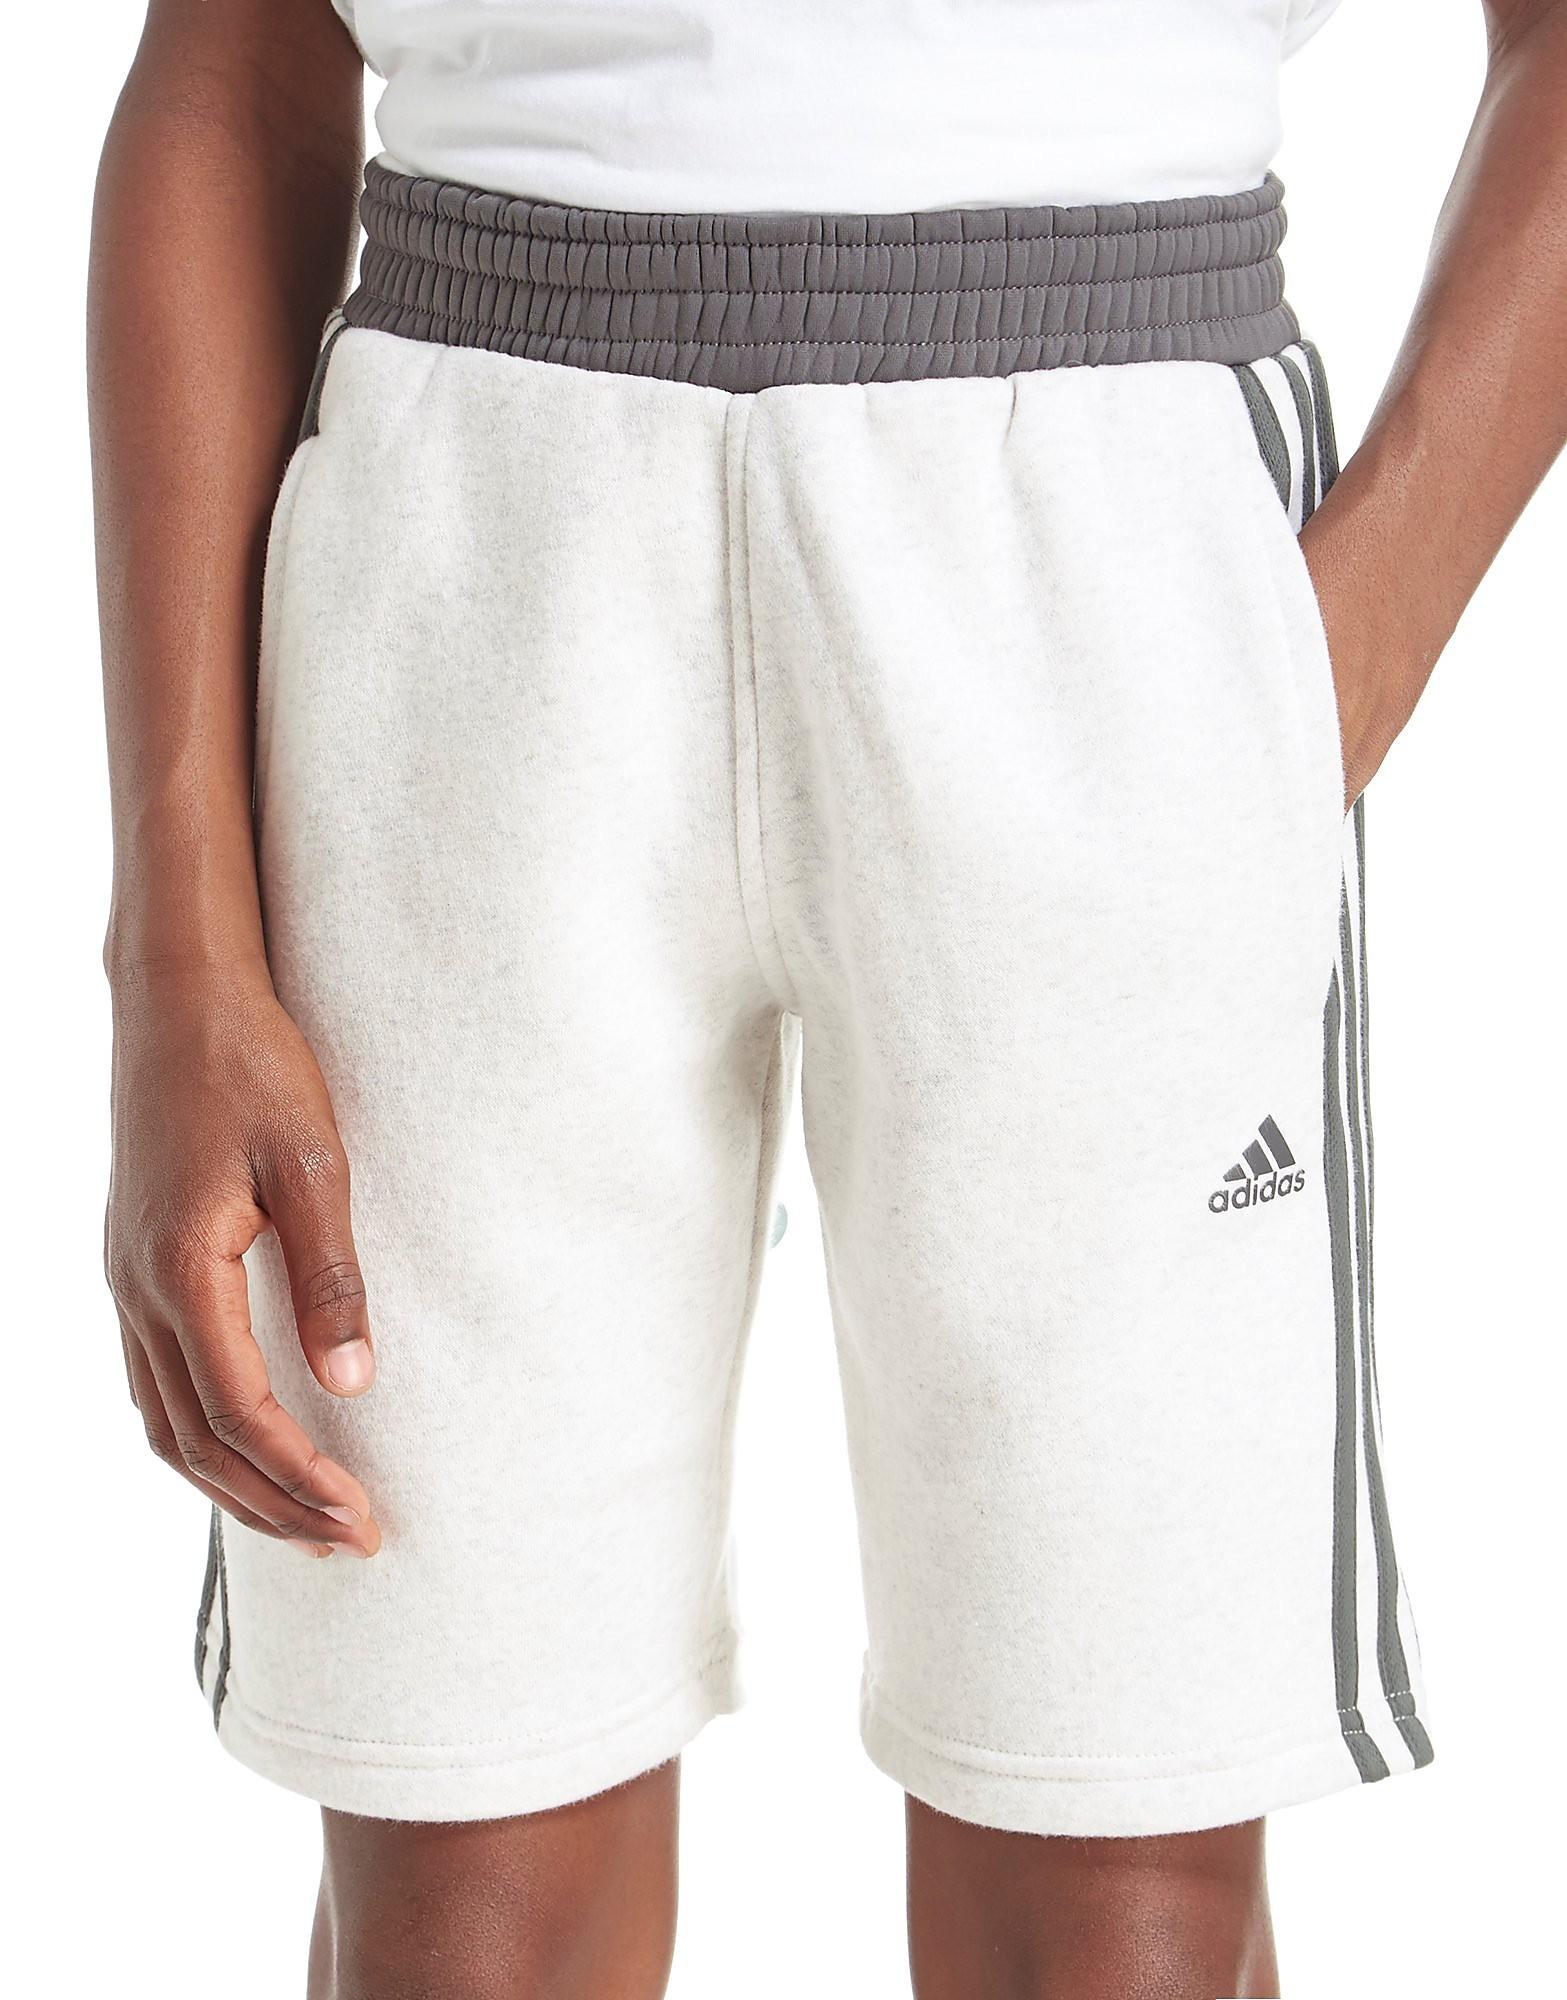 adidas Hybrid Fleece Short Junior